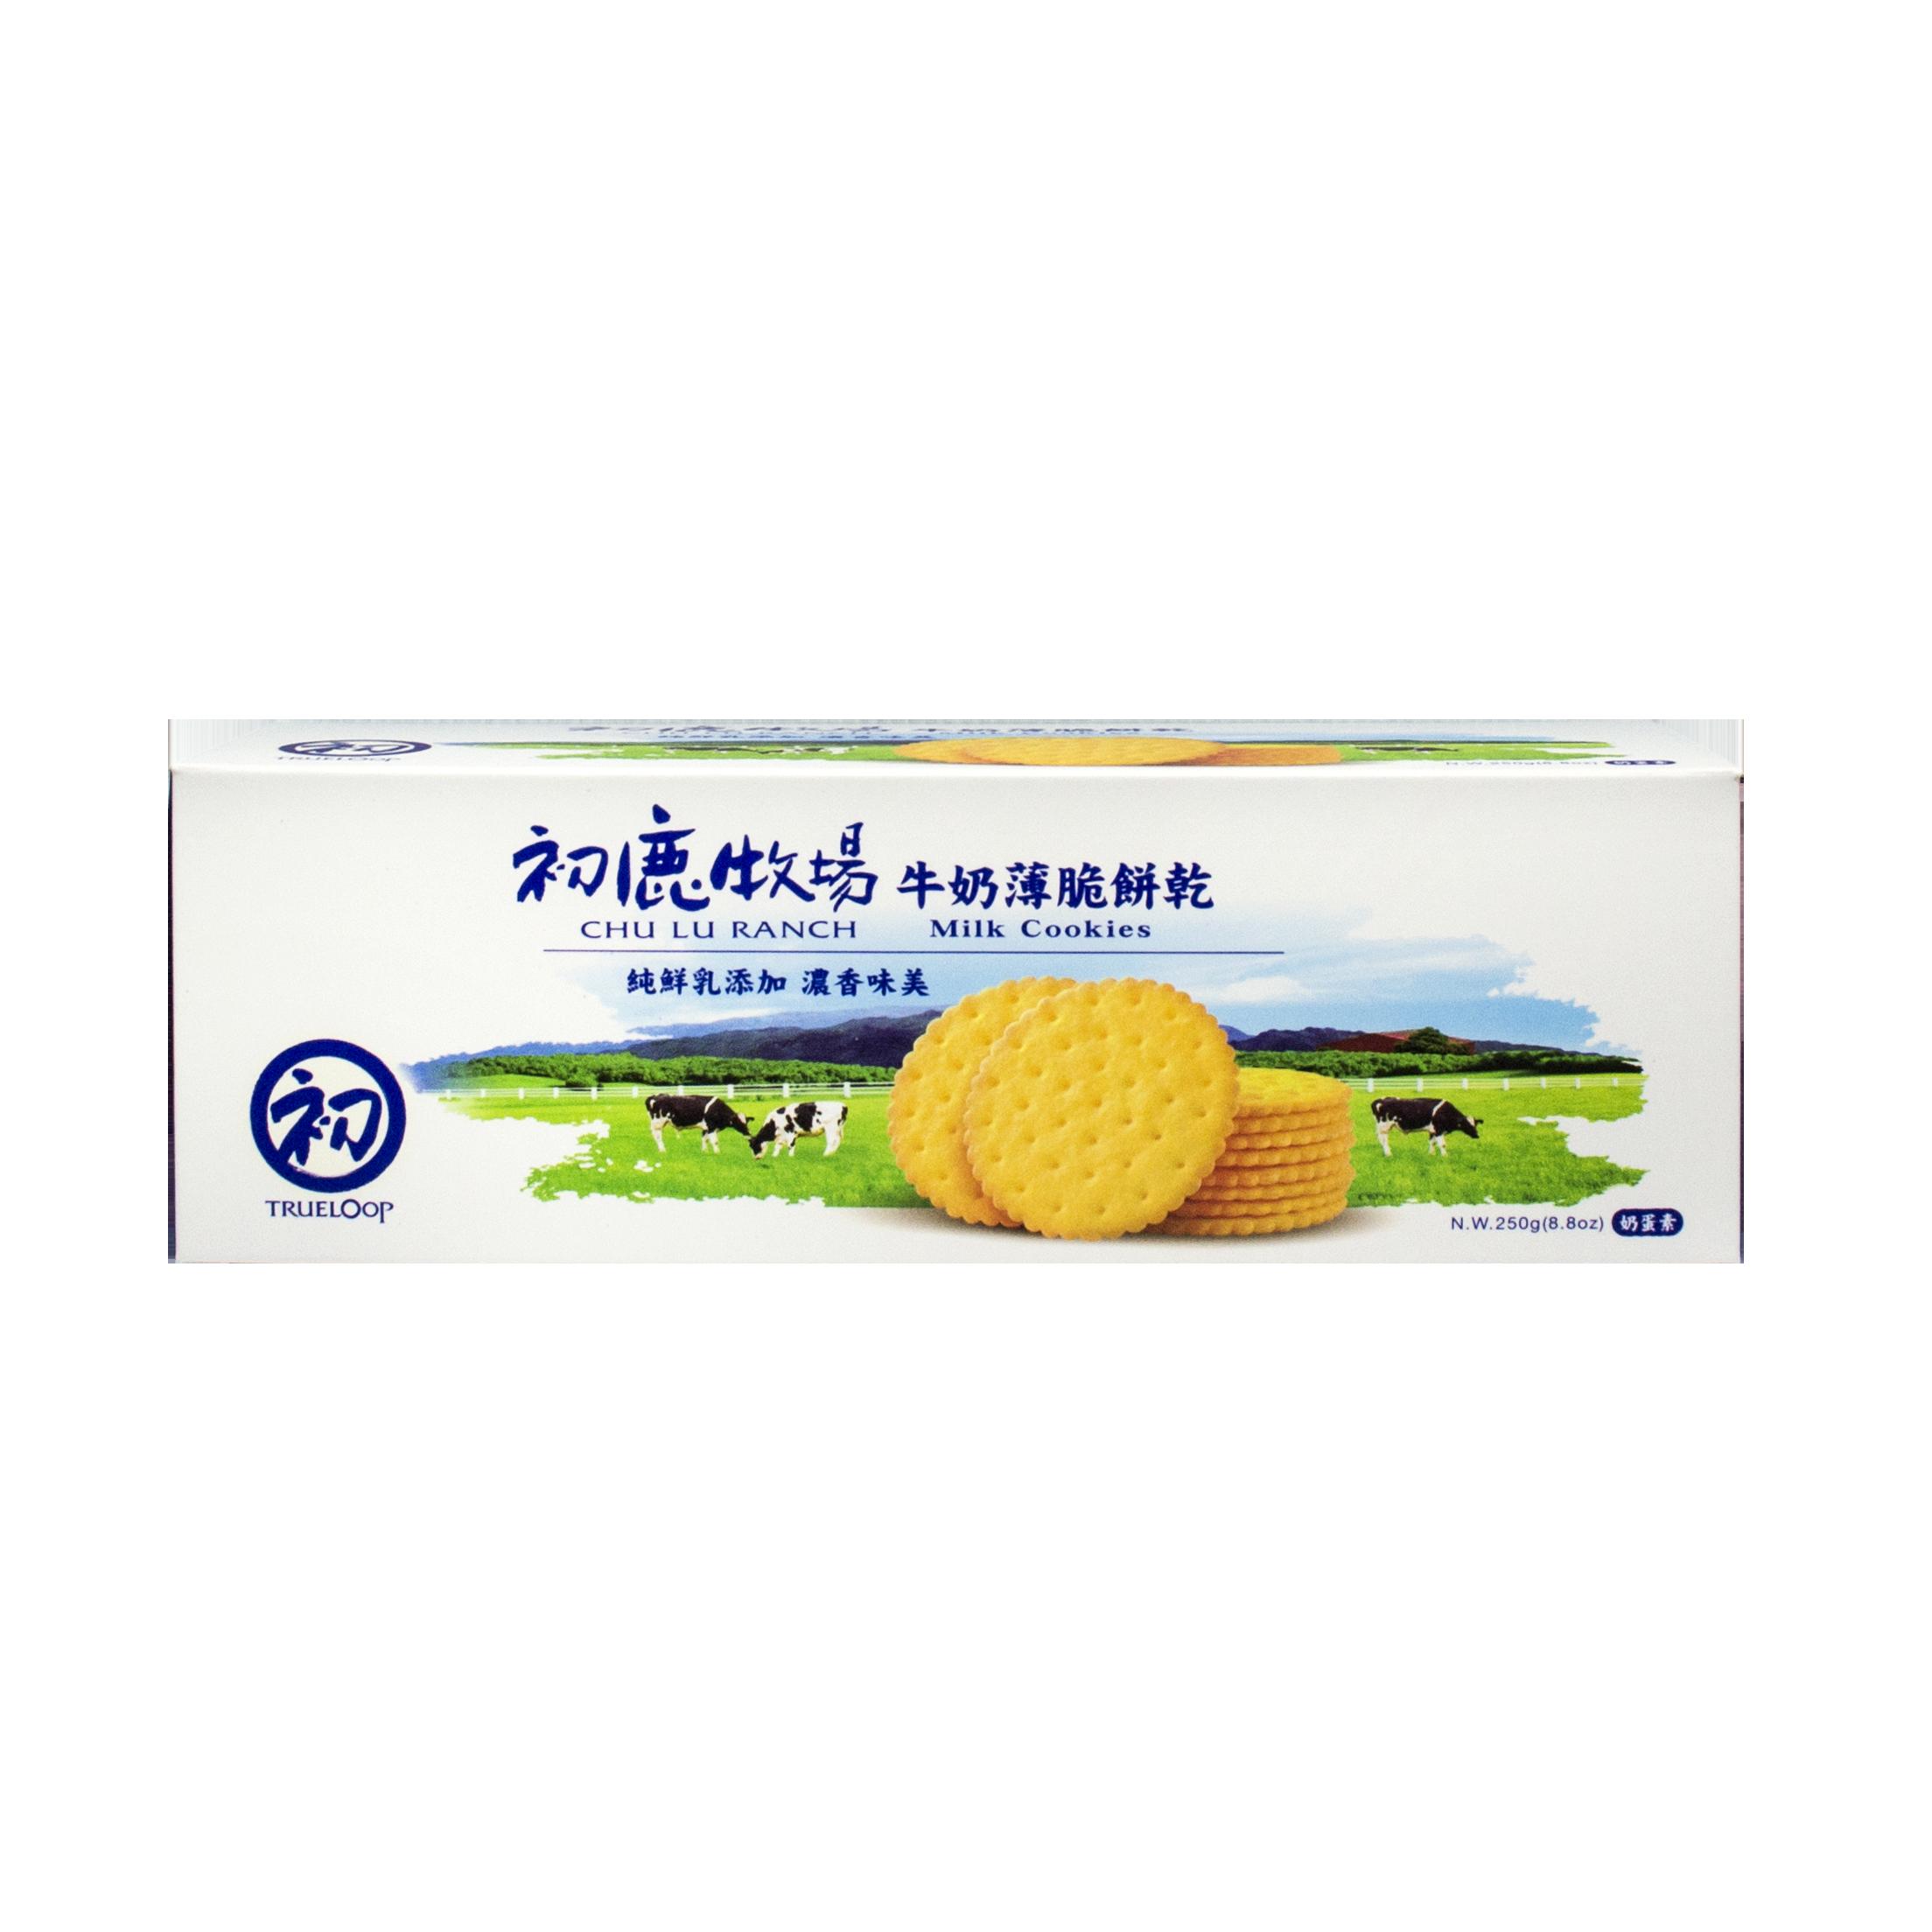 初鹿牧場 牛奶薄脆餅乾- 單盒裝【台東專區】